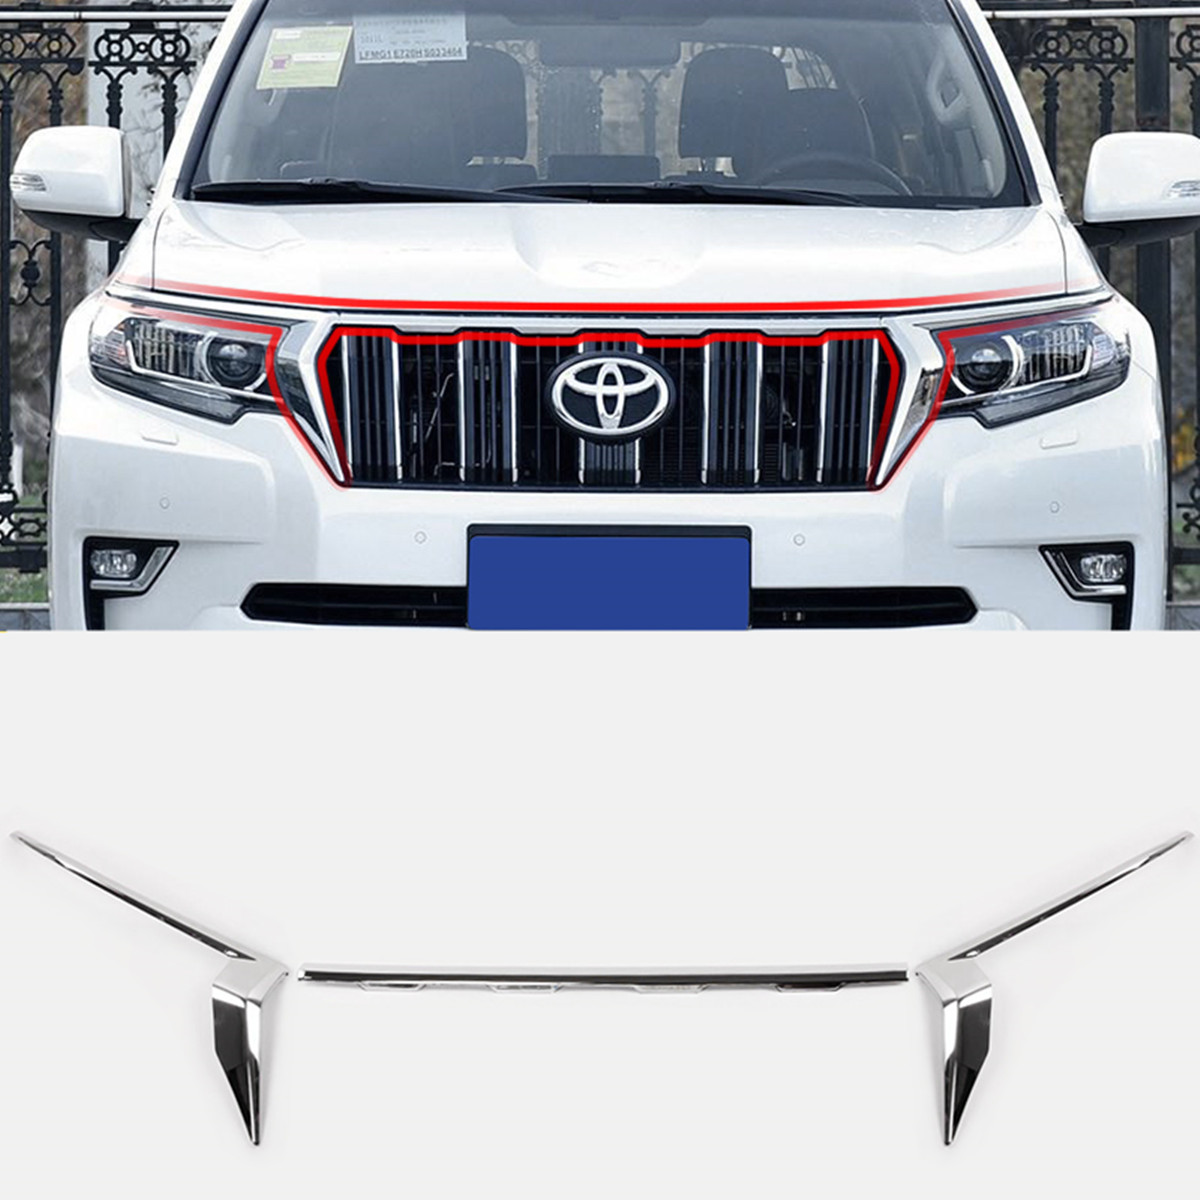 Chrome Front Grille Trim vent cover For Toyota Land Cruiser Prado FJ150 2018